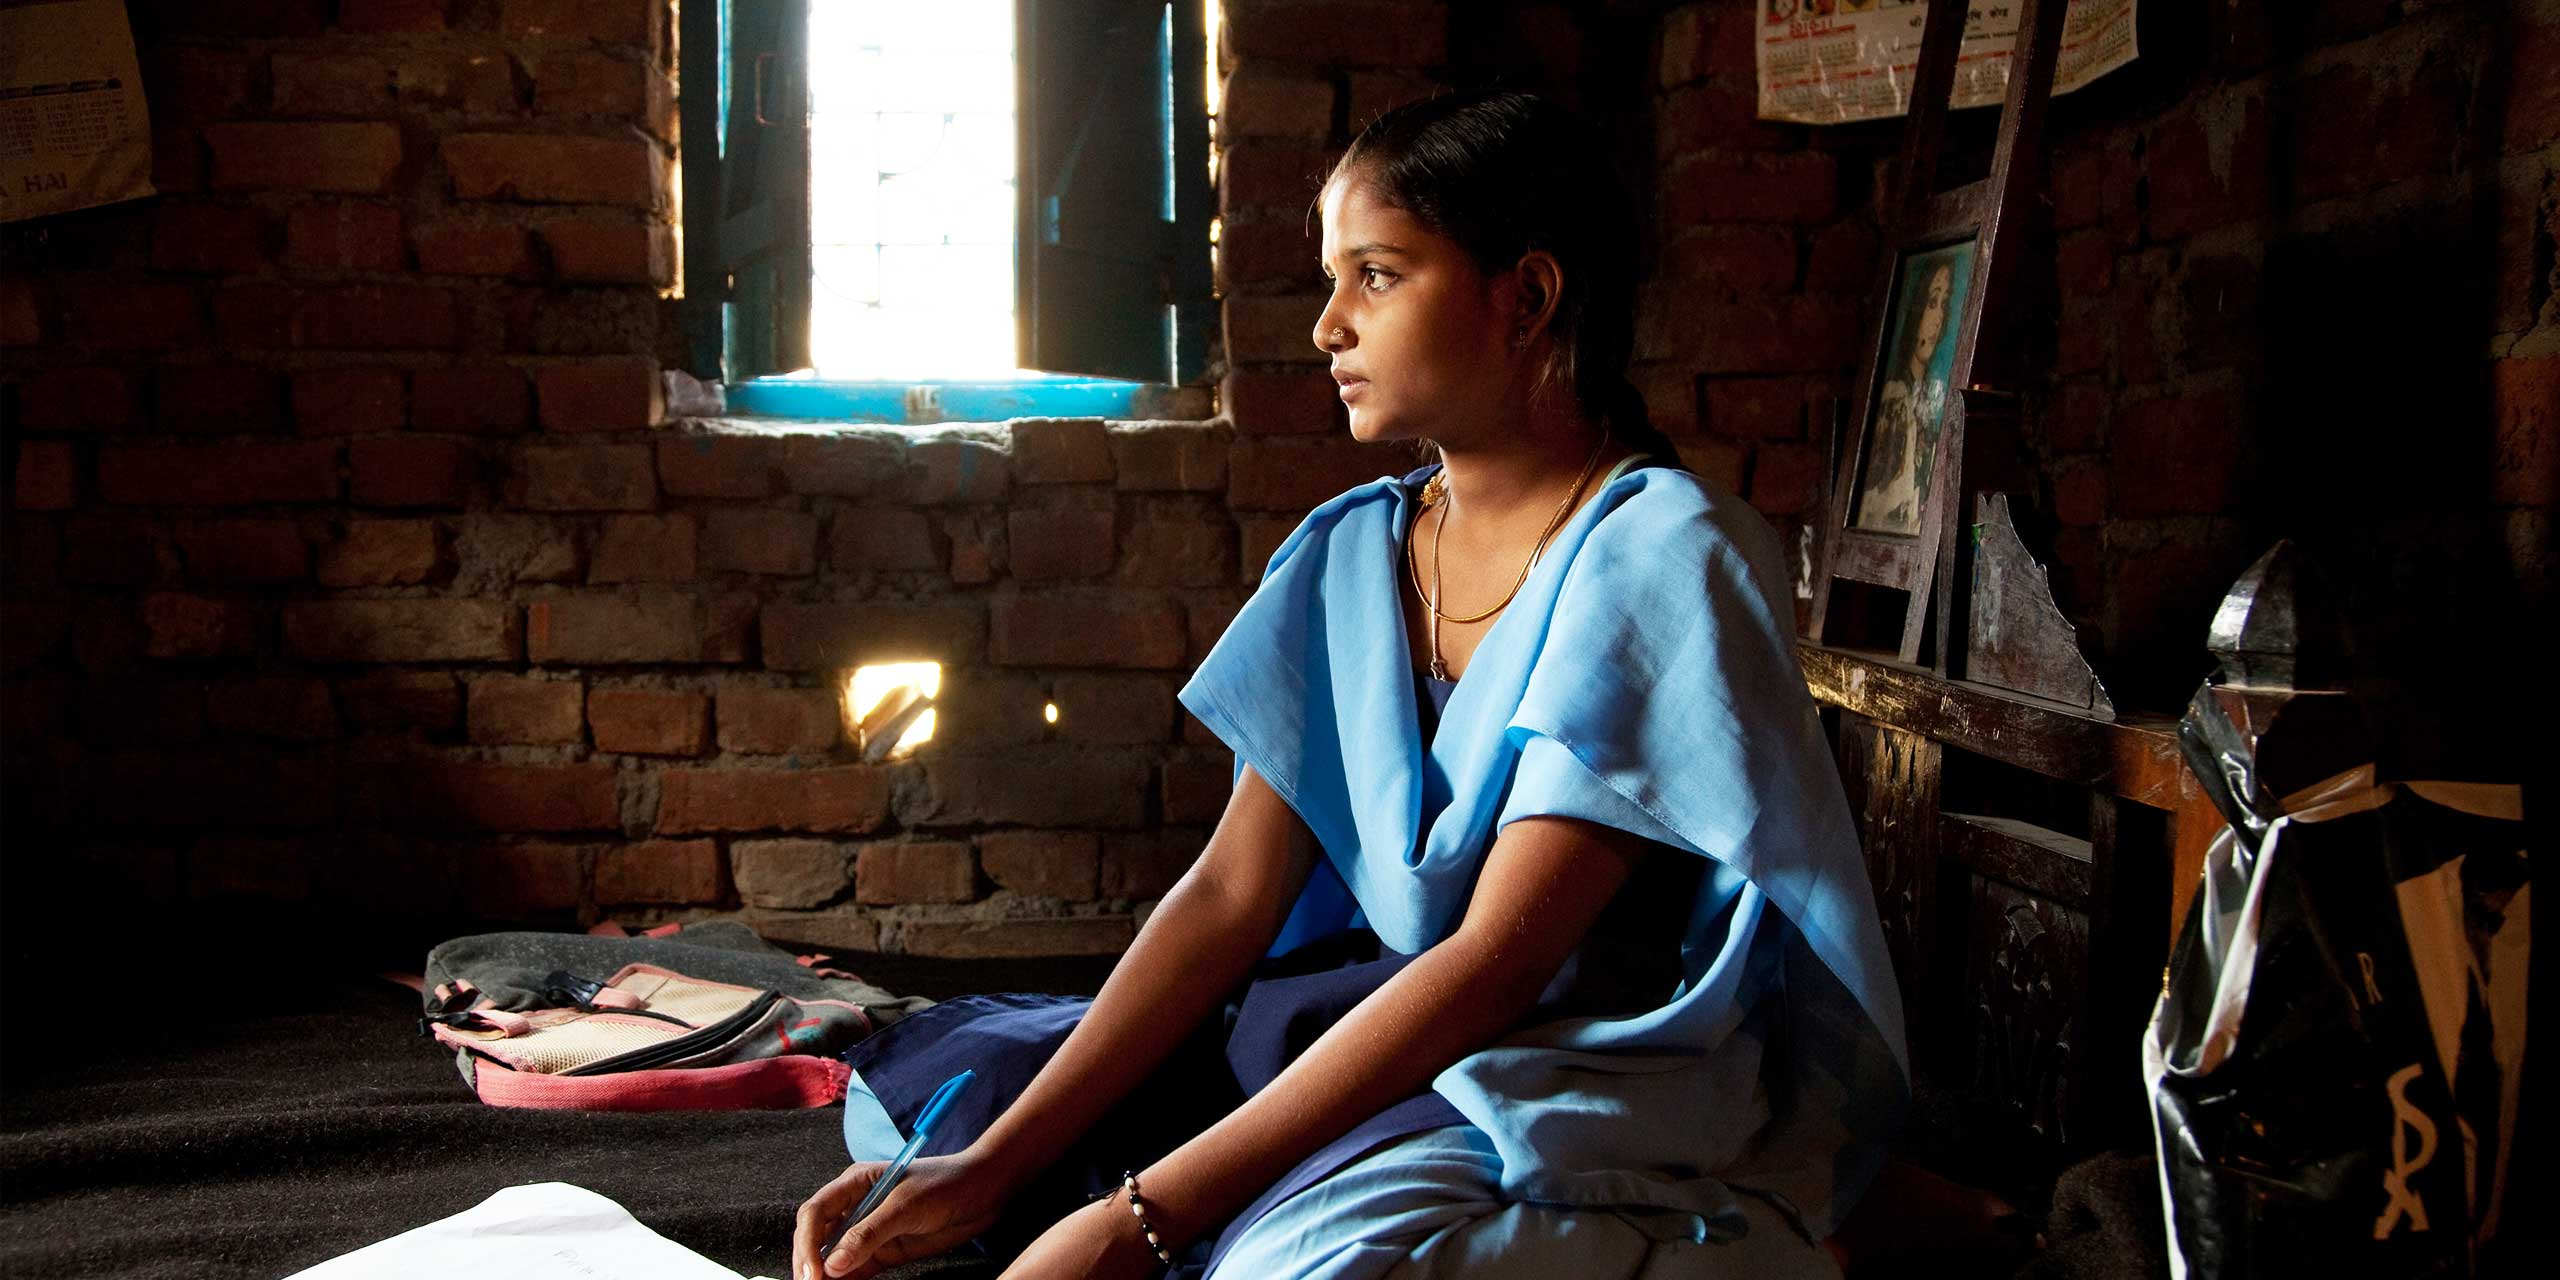 http://staging.skoll.org/wp-content/uploads/2014/02/educate-girls-sl1.jpg